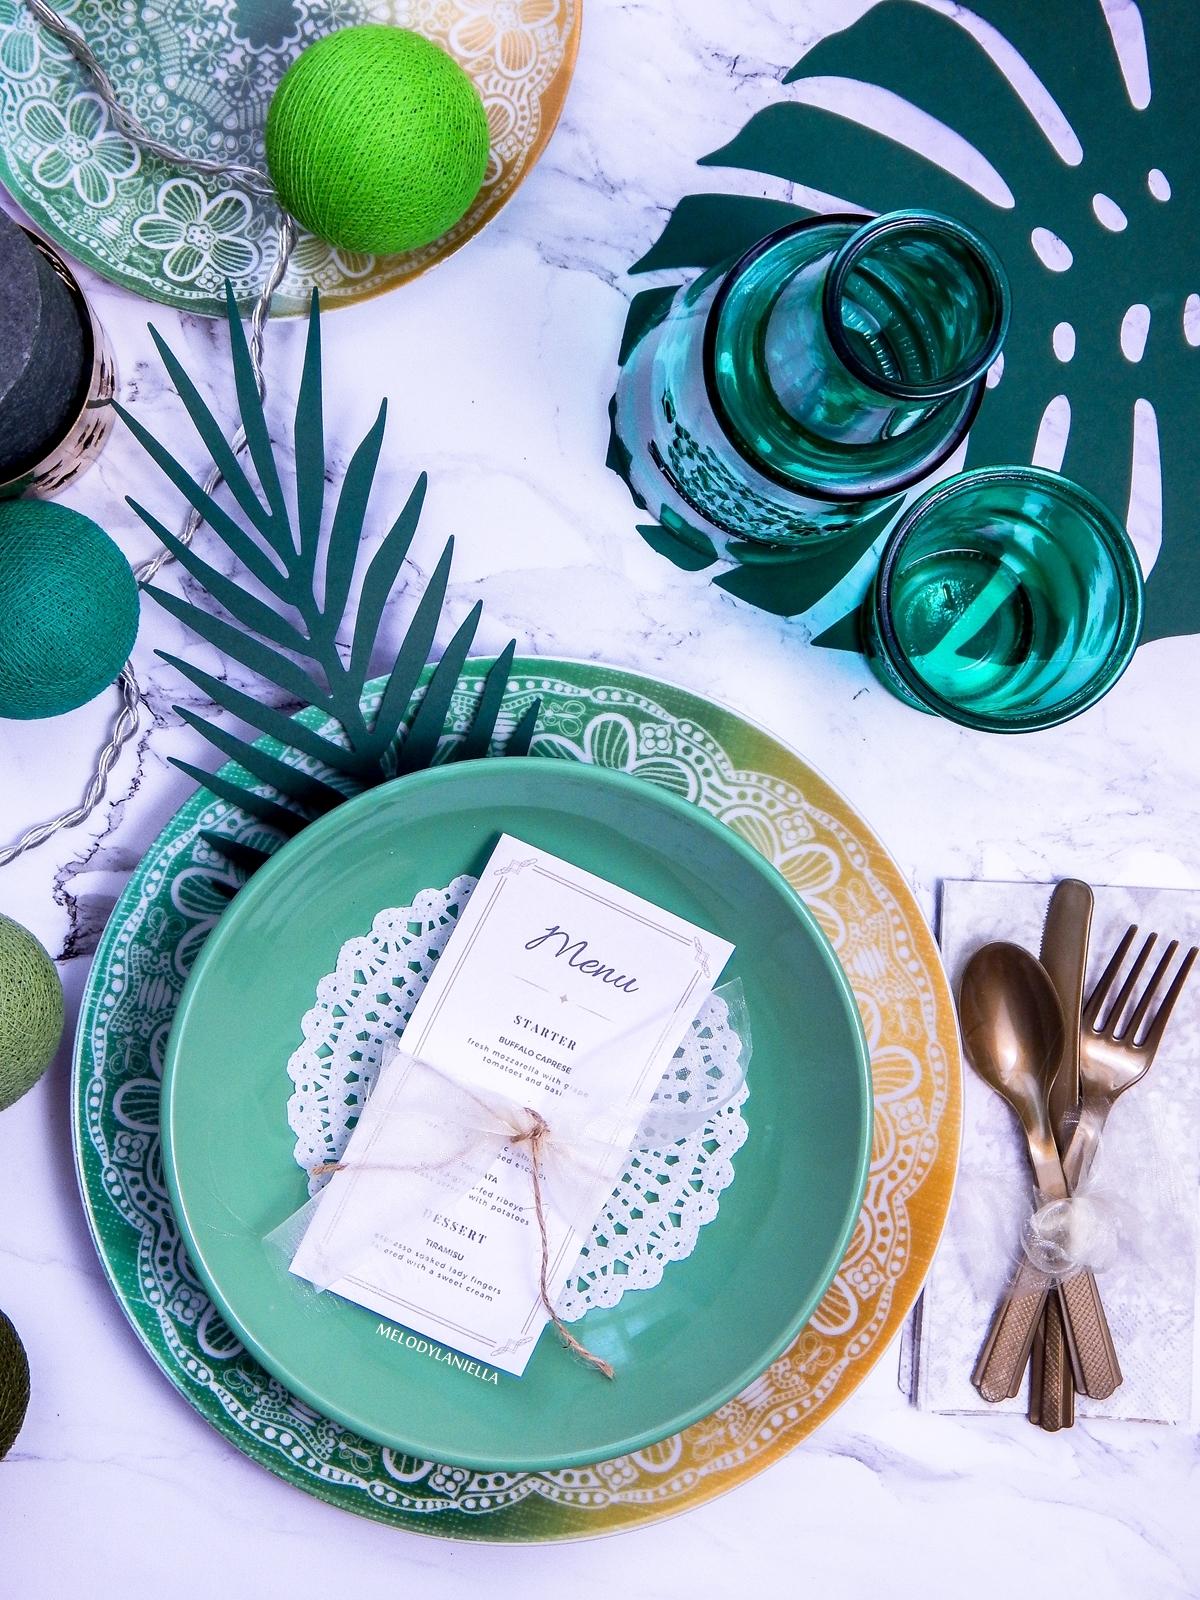 8 pomysłowe dodatki do mieszkań jak urządzić mieszkanie jak zaaranżować romantyczną kolację kolacja w stylu wakacyjne tropiki interesujące dodatki duka westiwing lifestyle łódzka blogerka melodylaniella